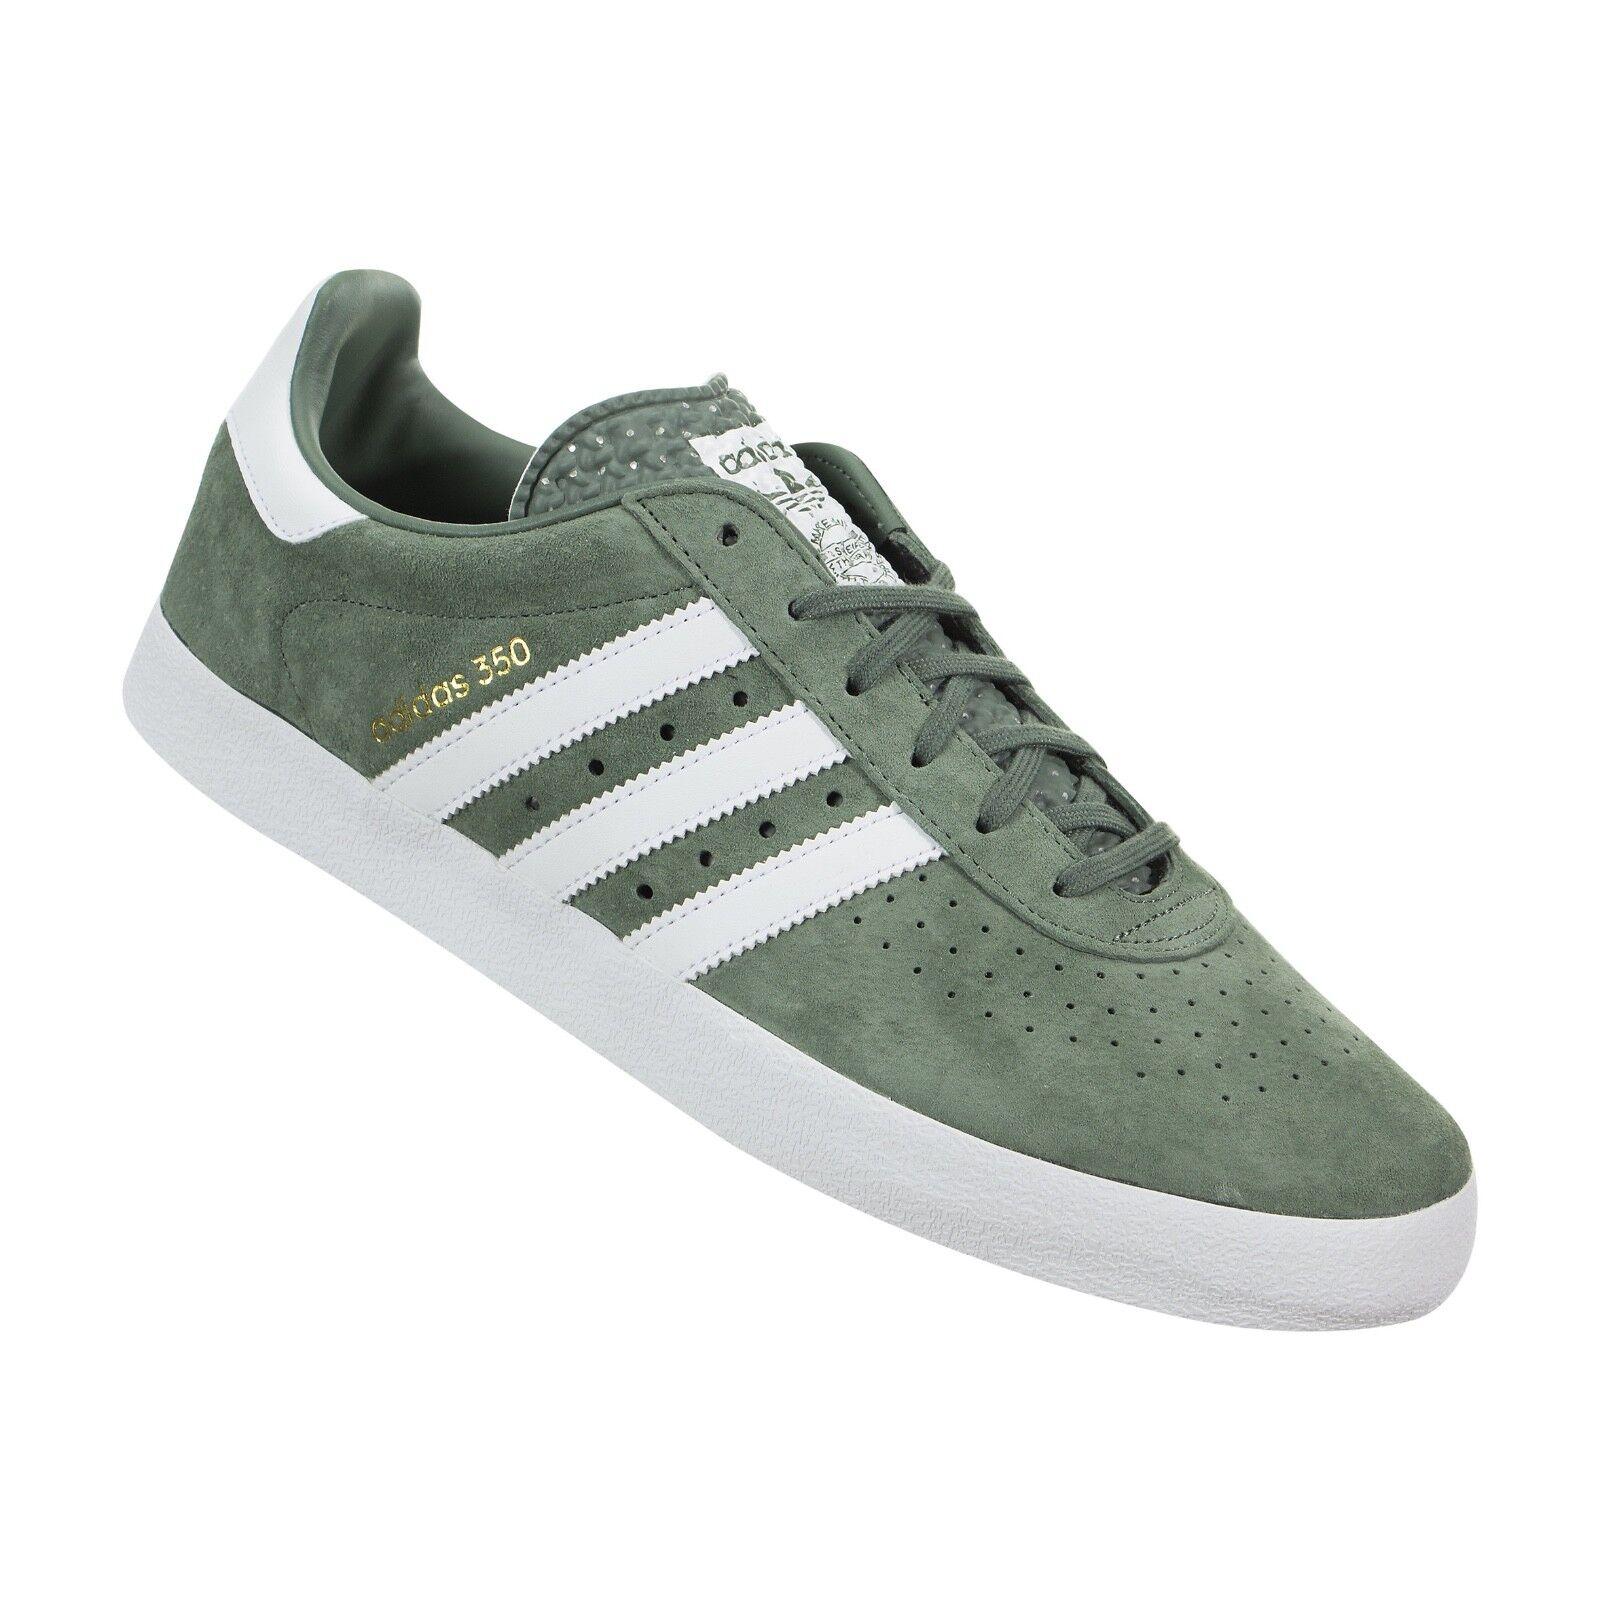 Adidas Baskets Originals Hommes Originals Vert / Blanc Royaume-Uni 11